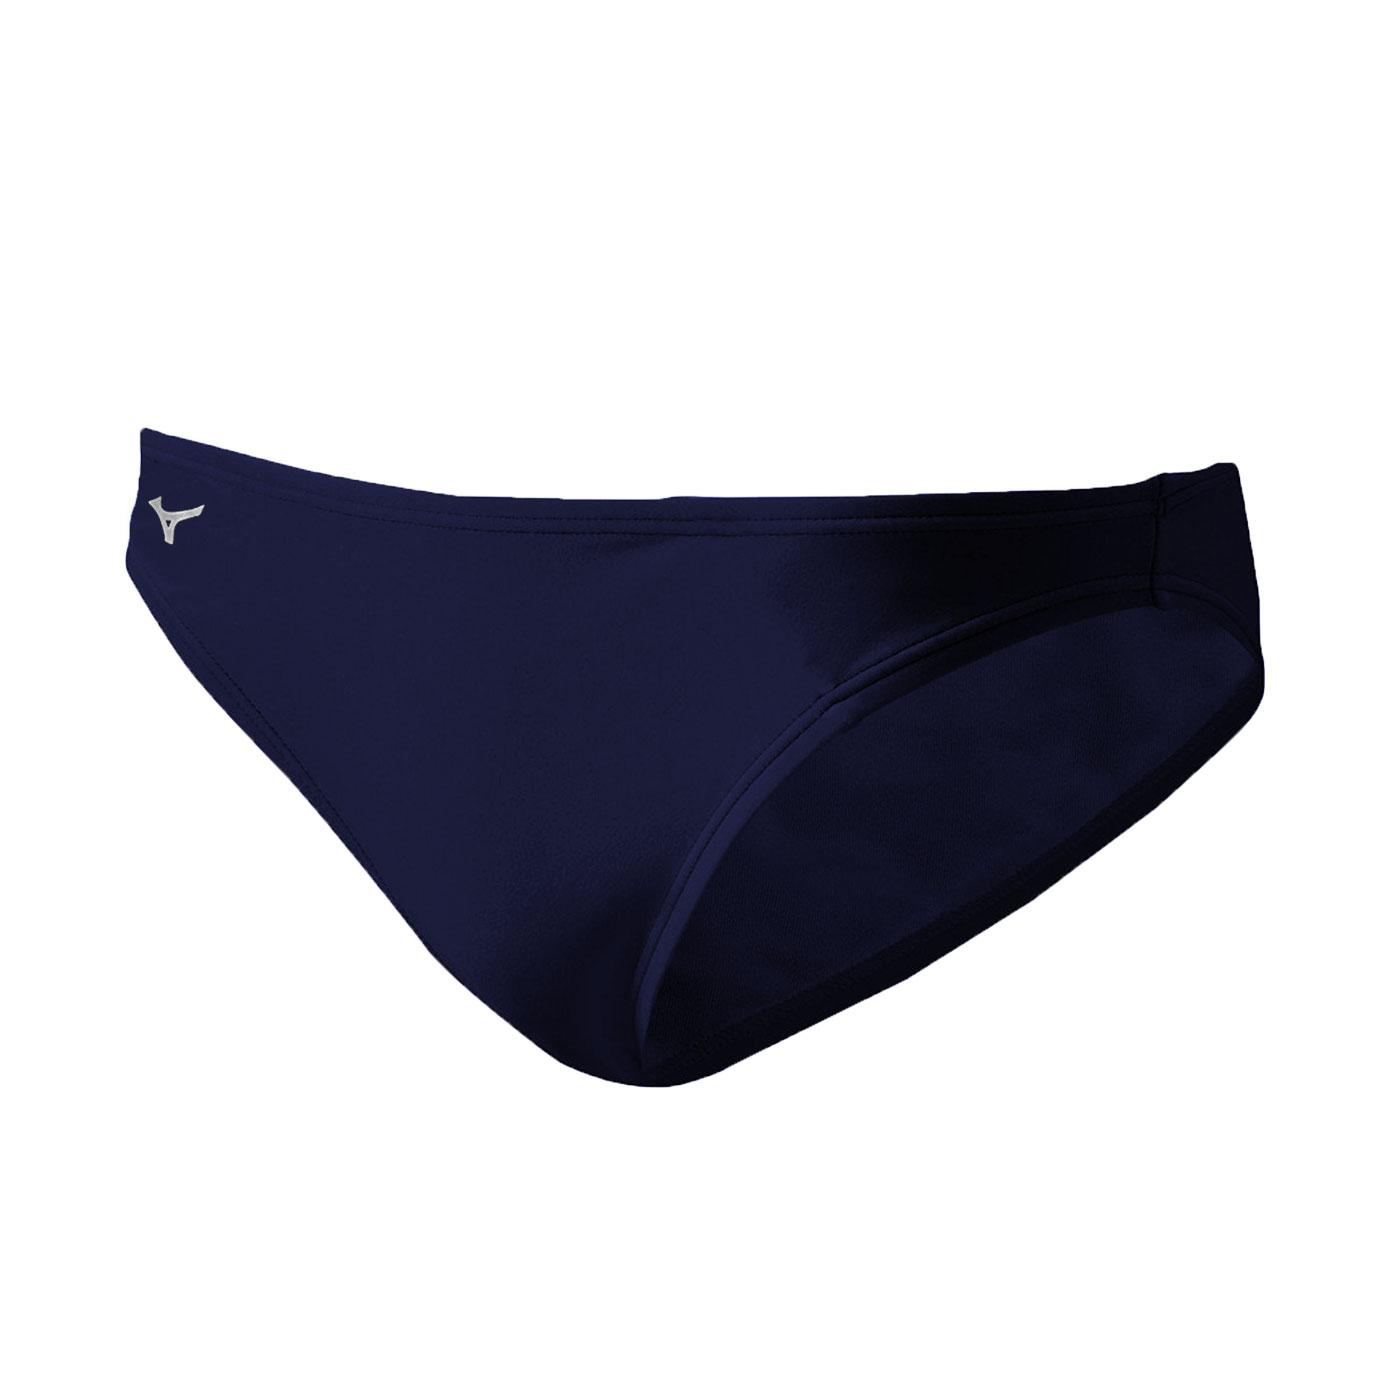 MIZUNO BASIC男三角泳褲 A85UE25009 - 丈青白